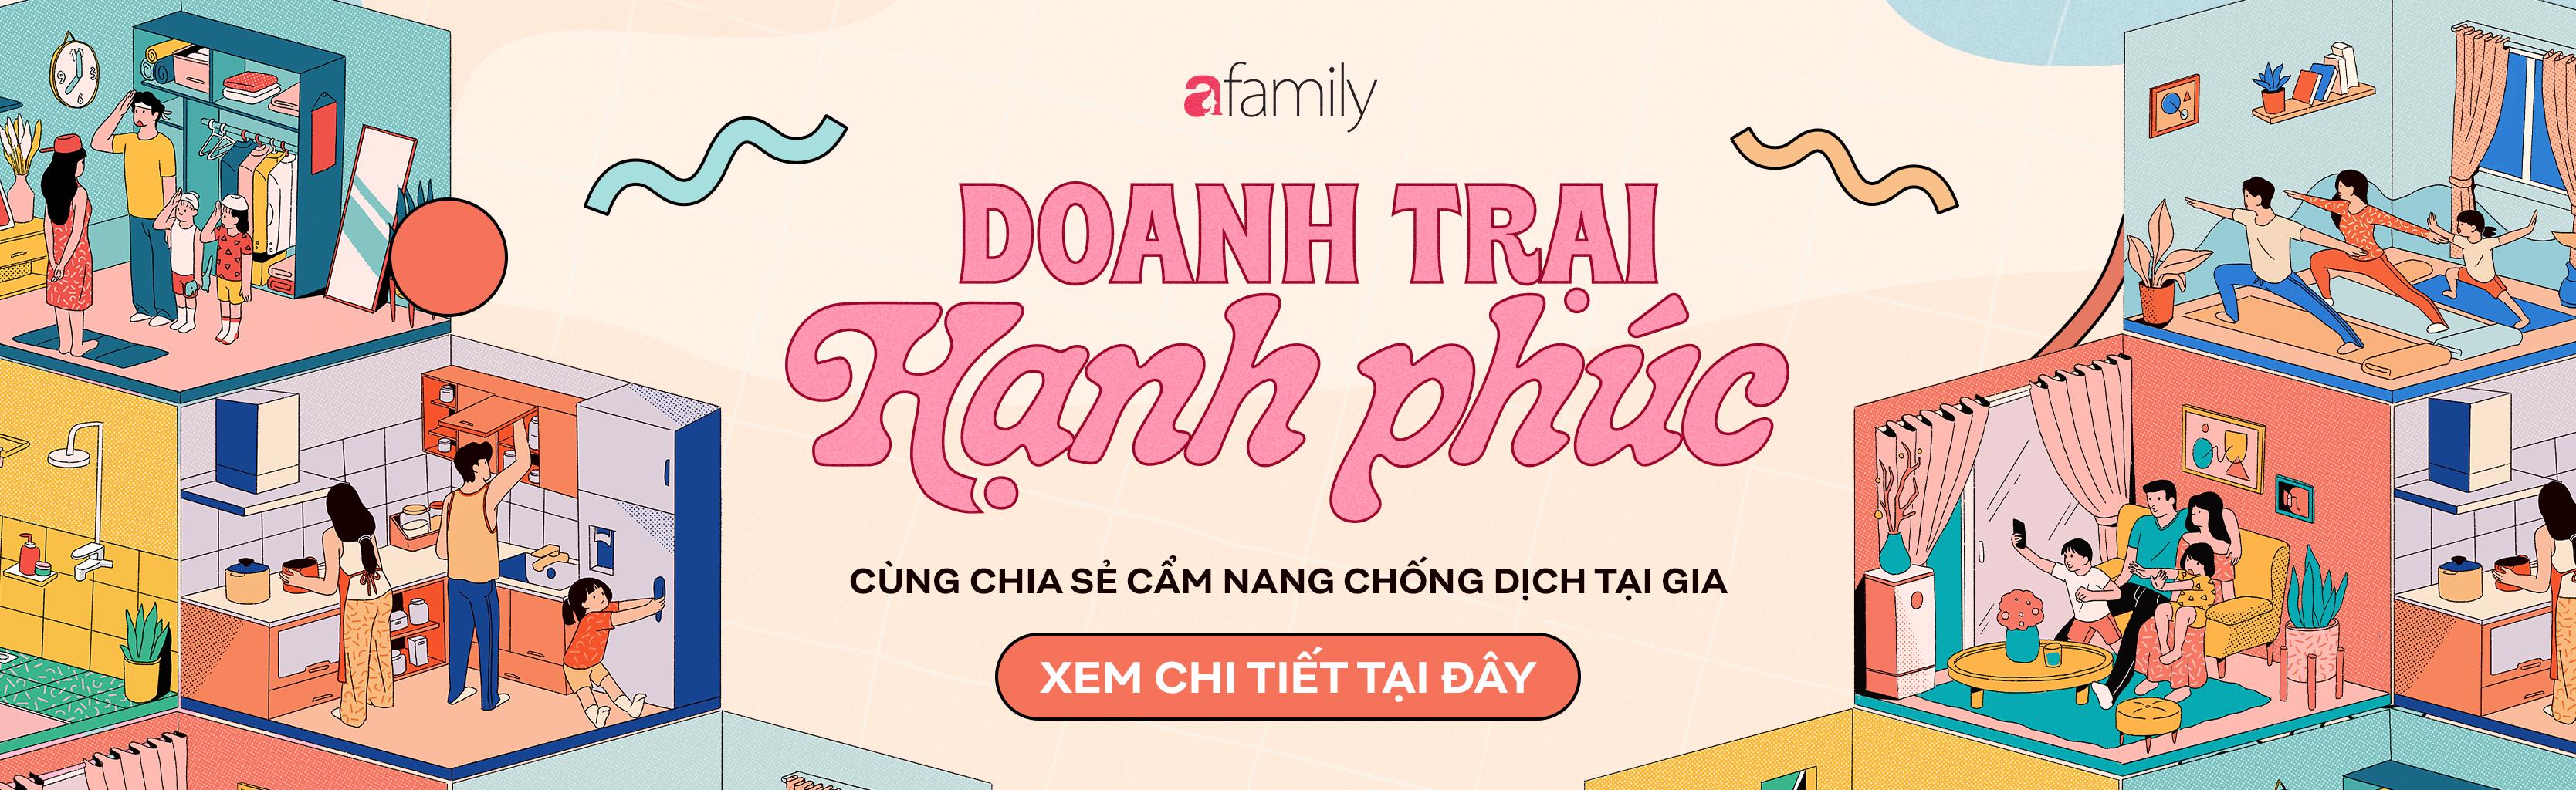 Mẹ trẻ Hà Nội kiếm tiền triệu mùa dịch nhờ móc đồ phụ kiện dễ thương cho mẹ và bé, đã xinh đẹp còn khéo léo khiến chị em mê mệt - Ảnh 9.